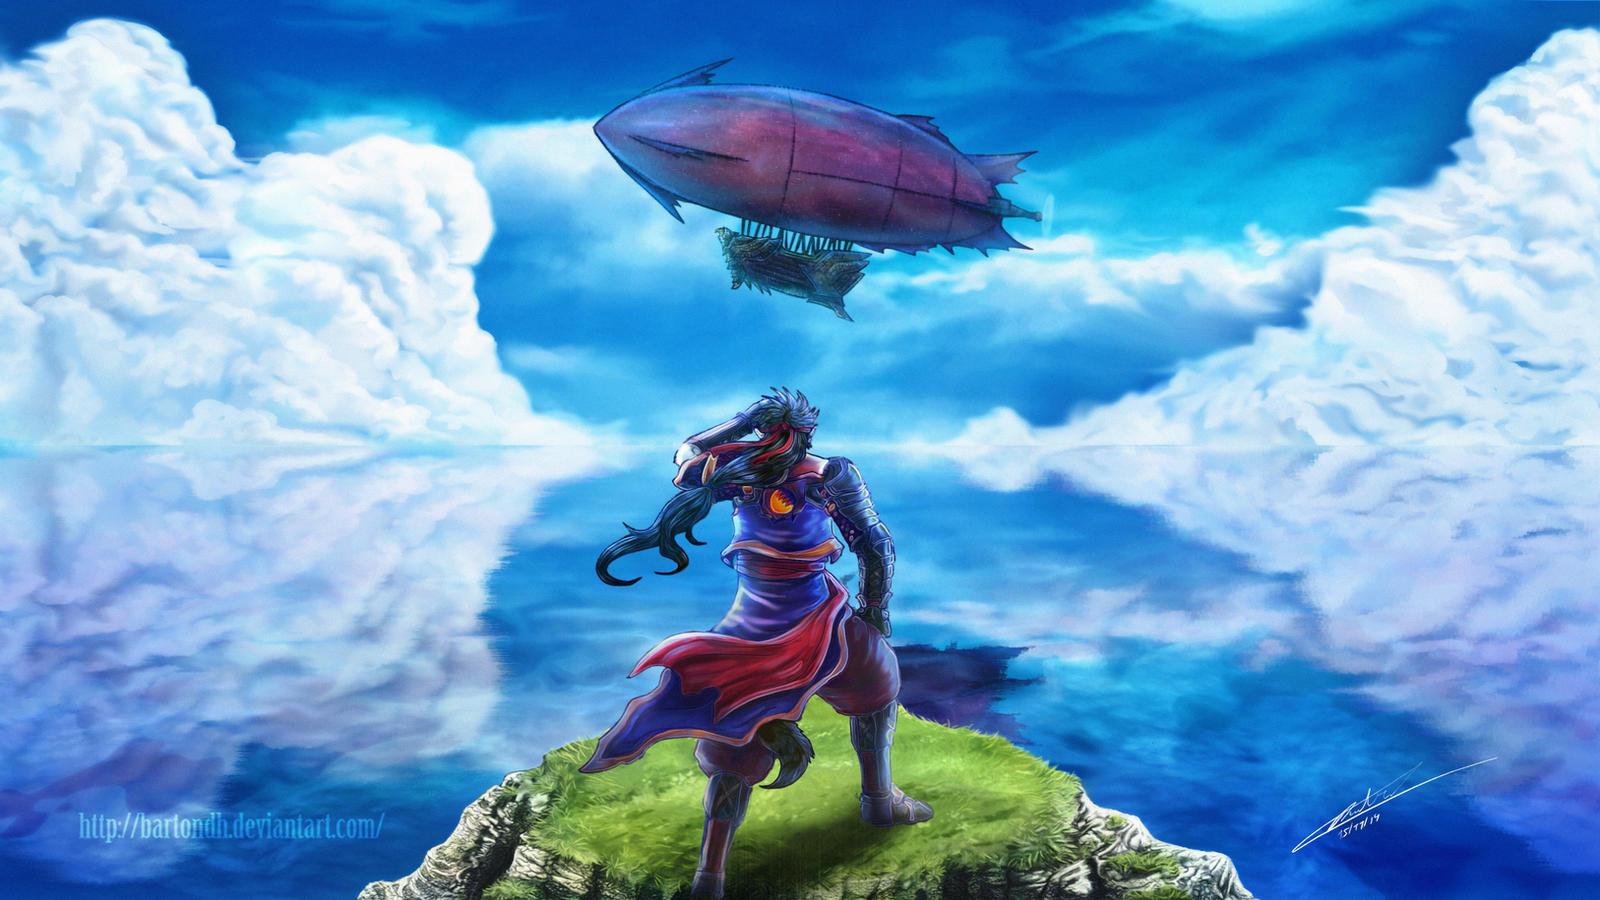 Xodian Emisar Wars ORPG Landscape 2 by BartonDH